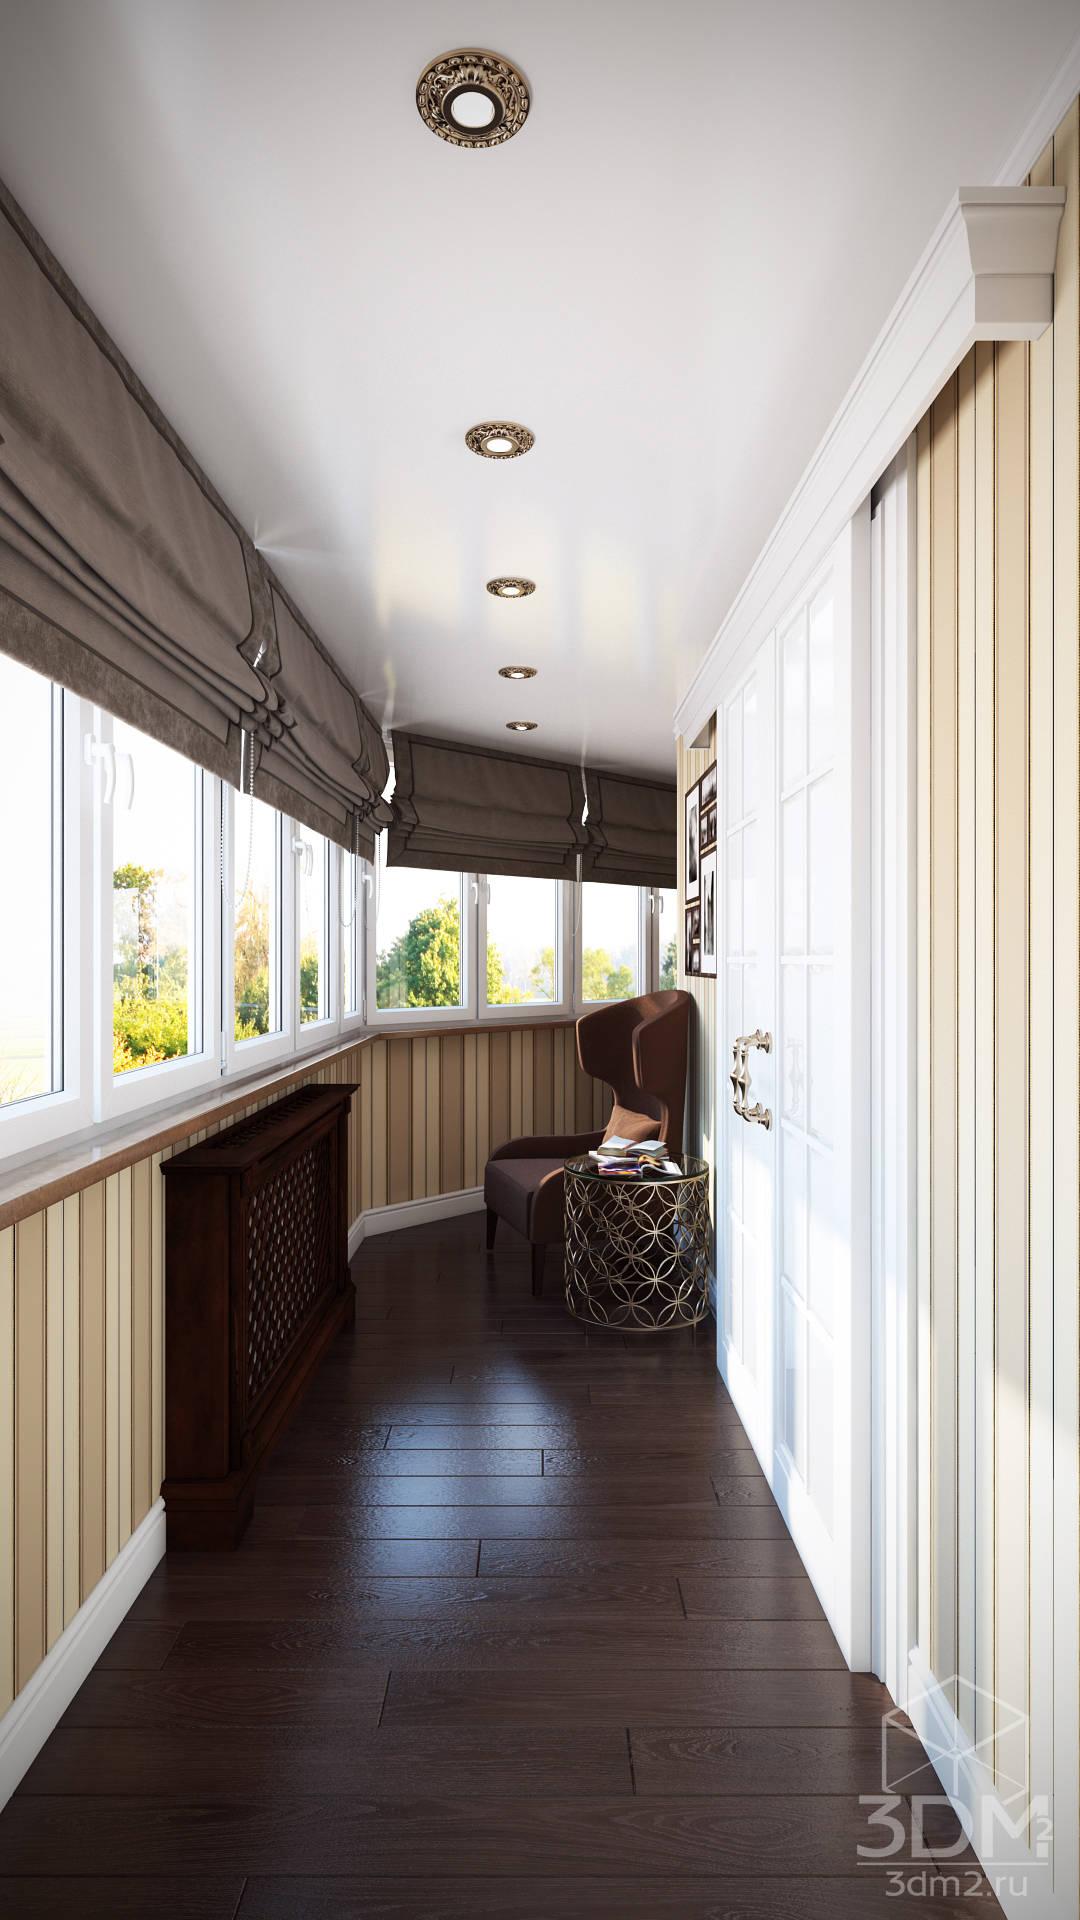 Проект 013: лоджии + ванная by студия визуализации и дизайна.